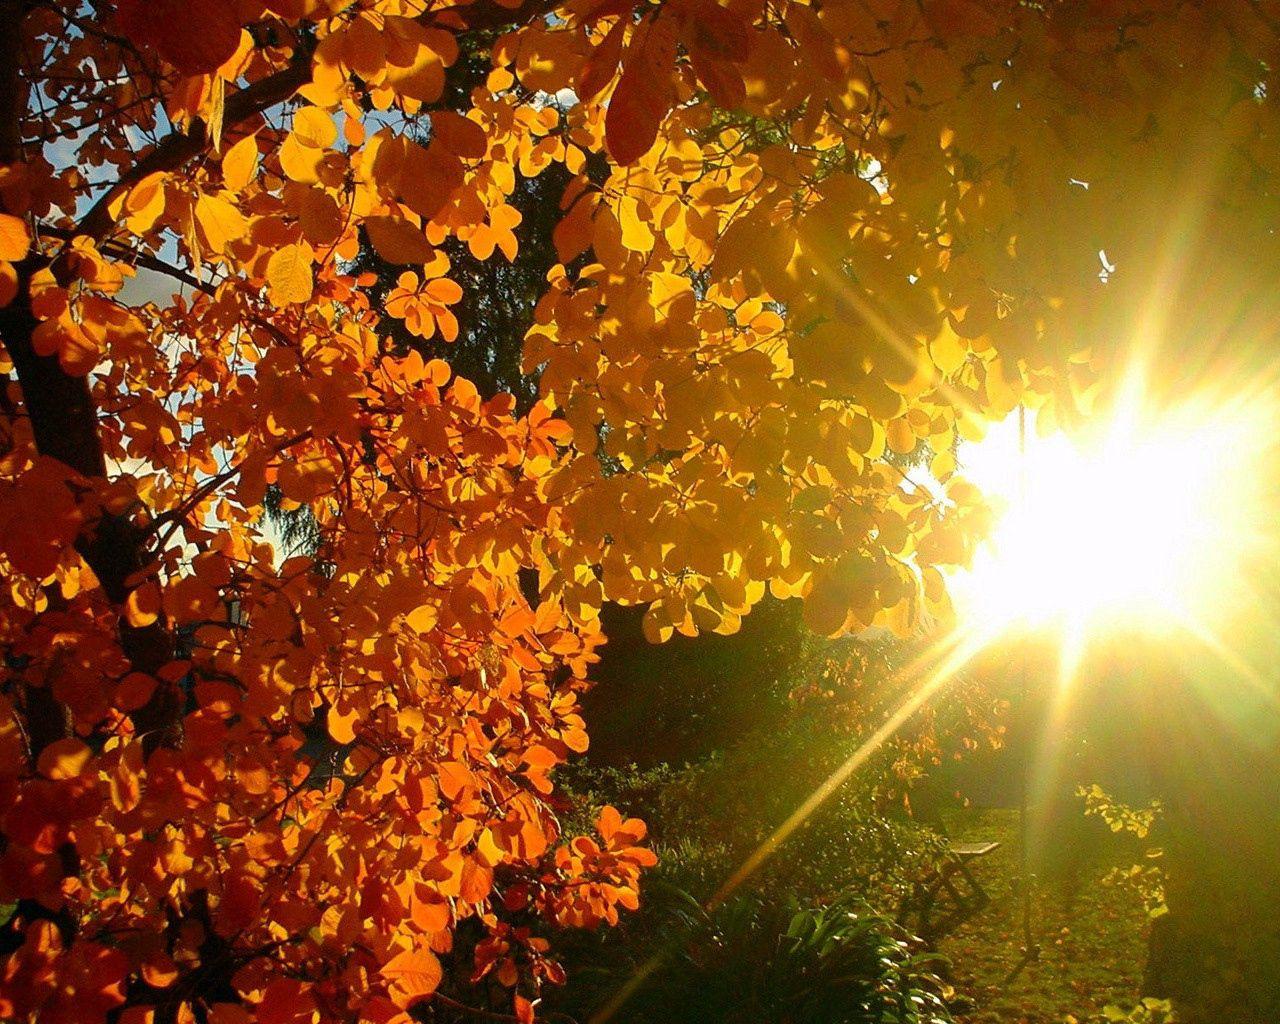 76527 скачать Желтые обои на телефон бесплатно, Осень, Природа, Листья, Солнце, Блики, Свет, Лучи, Дерево Желтые картинки и заставки на мобильный